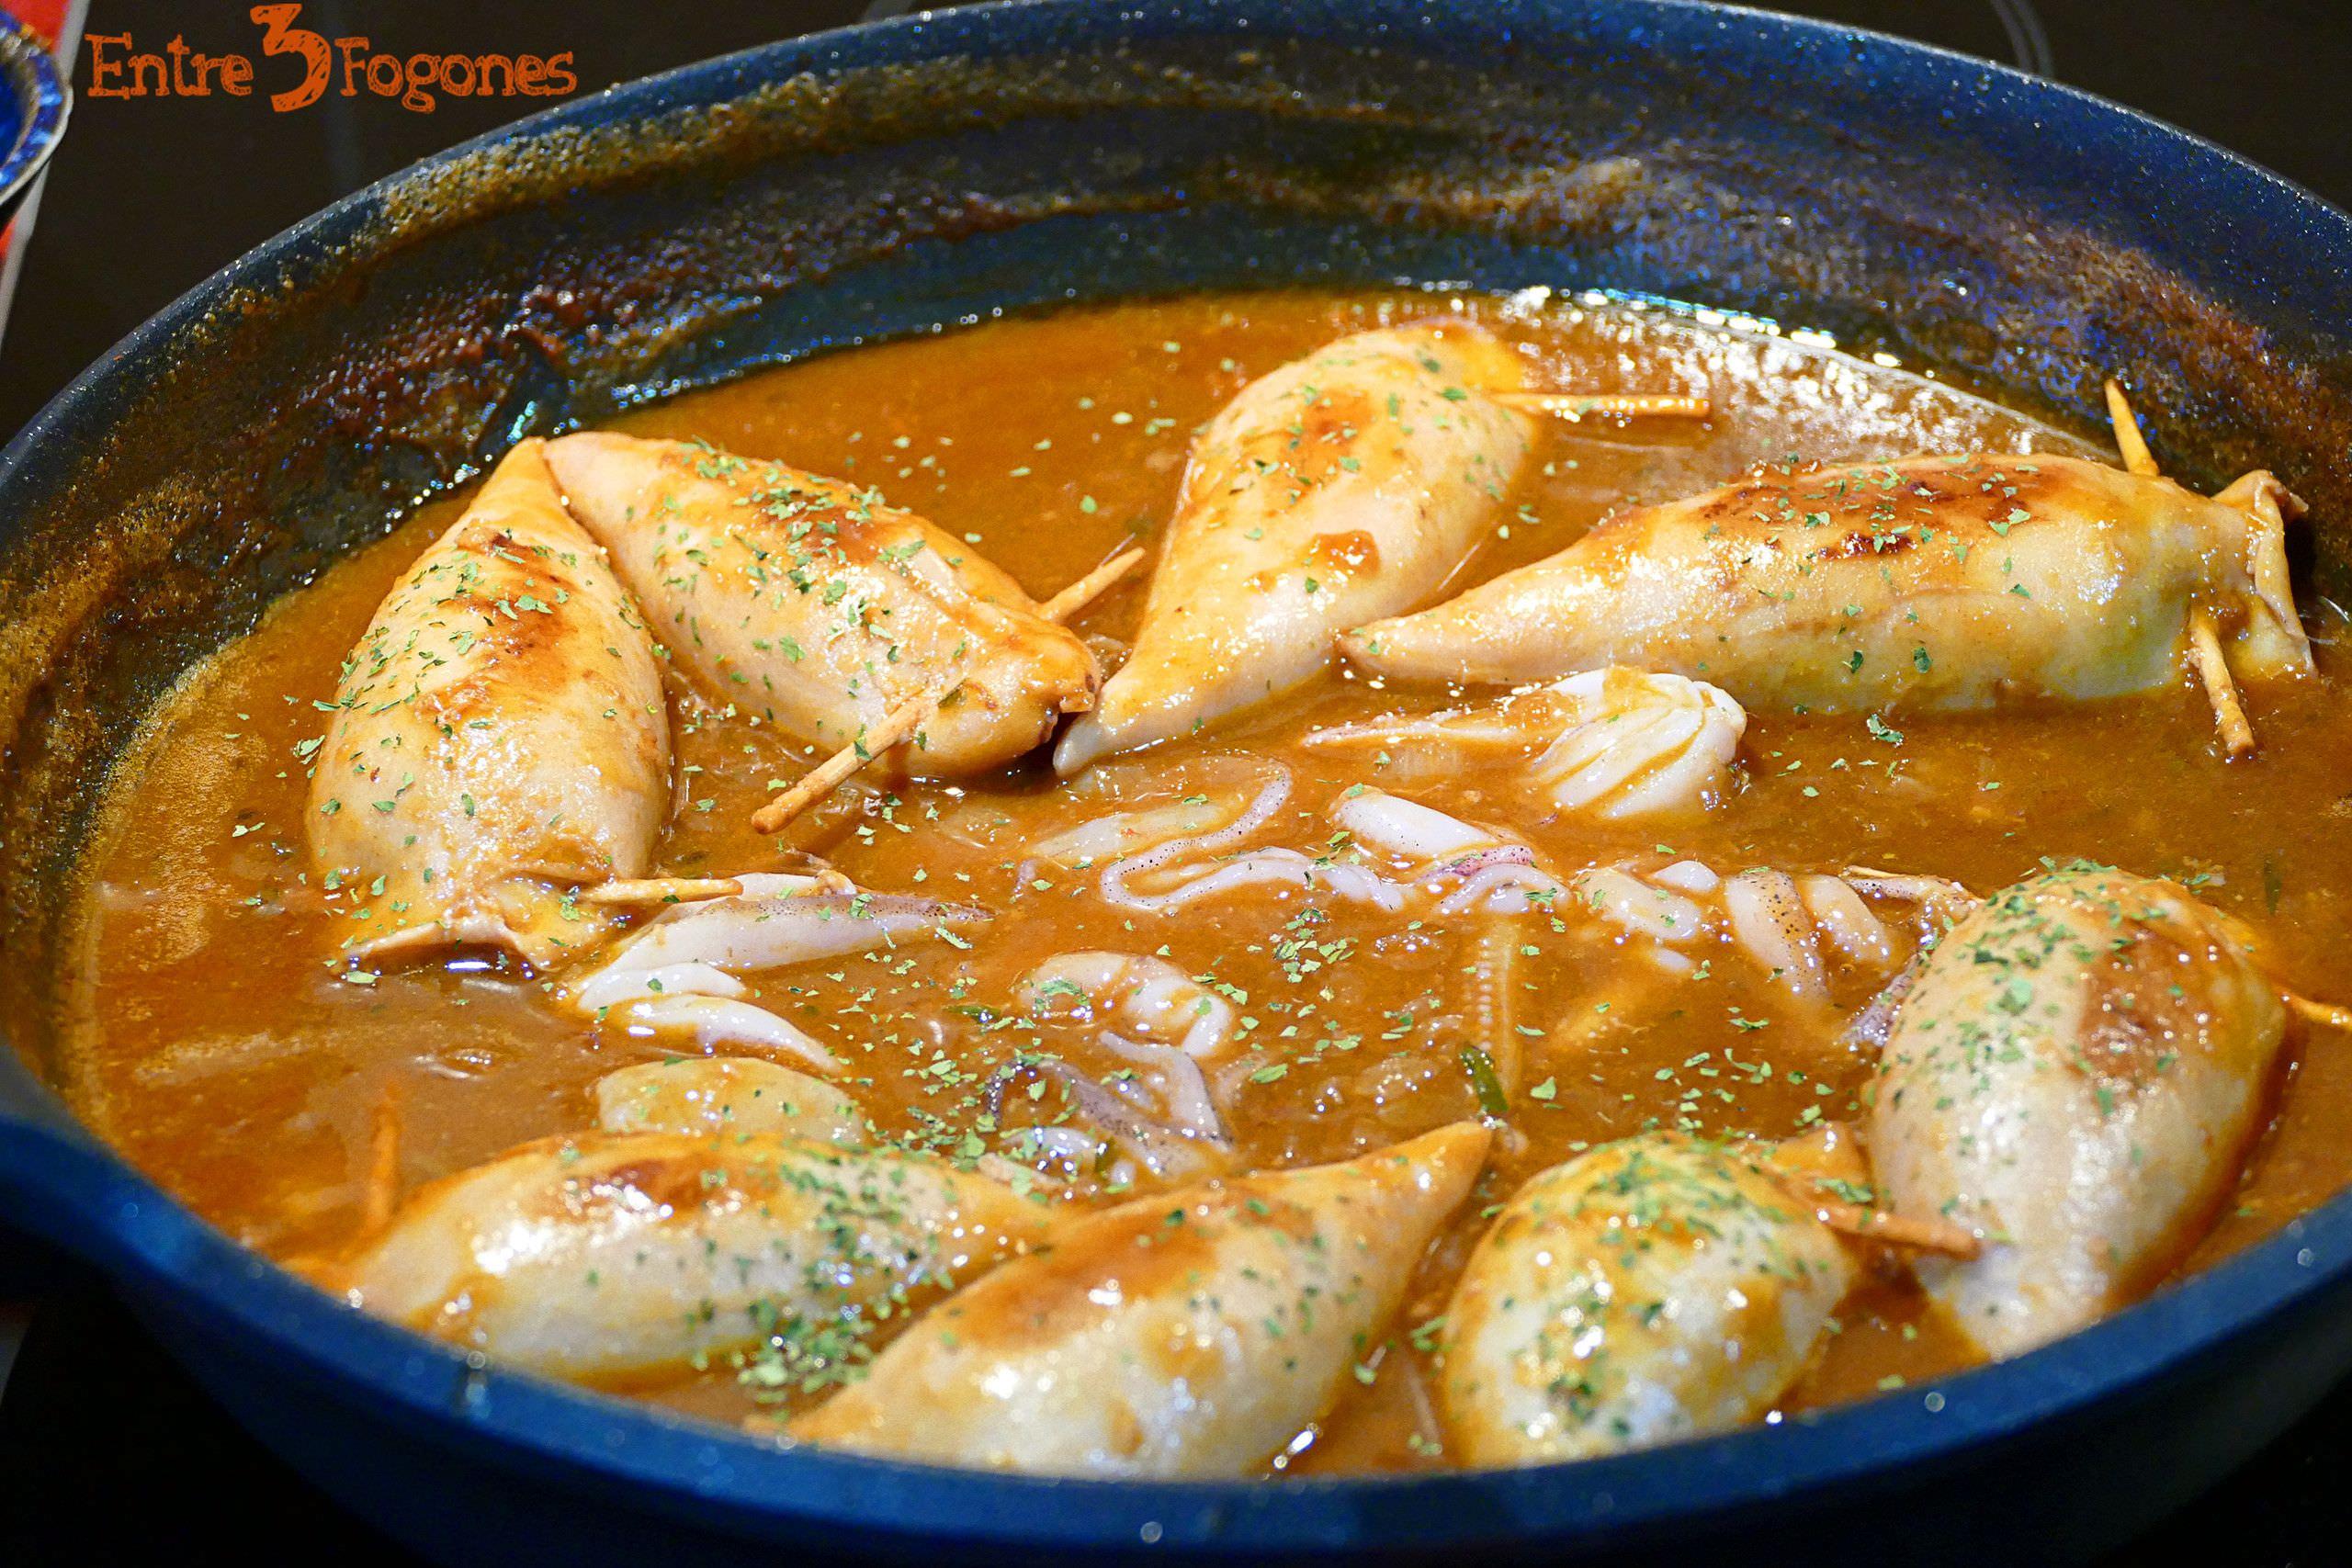 Calamares Rellenos de Gambas en Salsa Roja